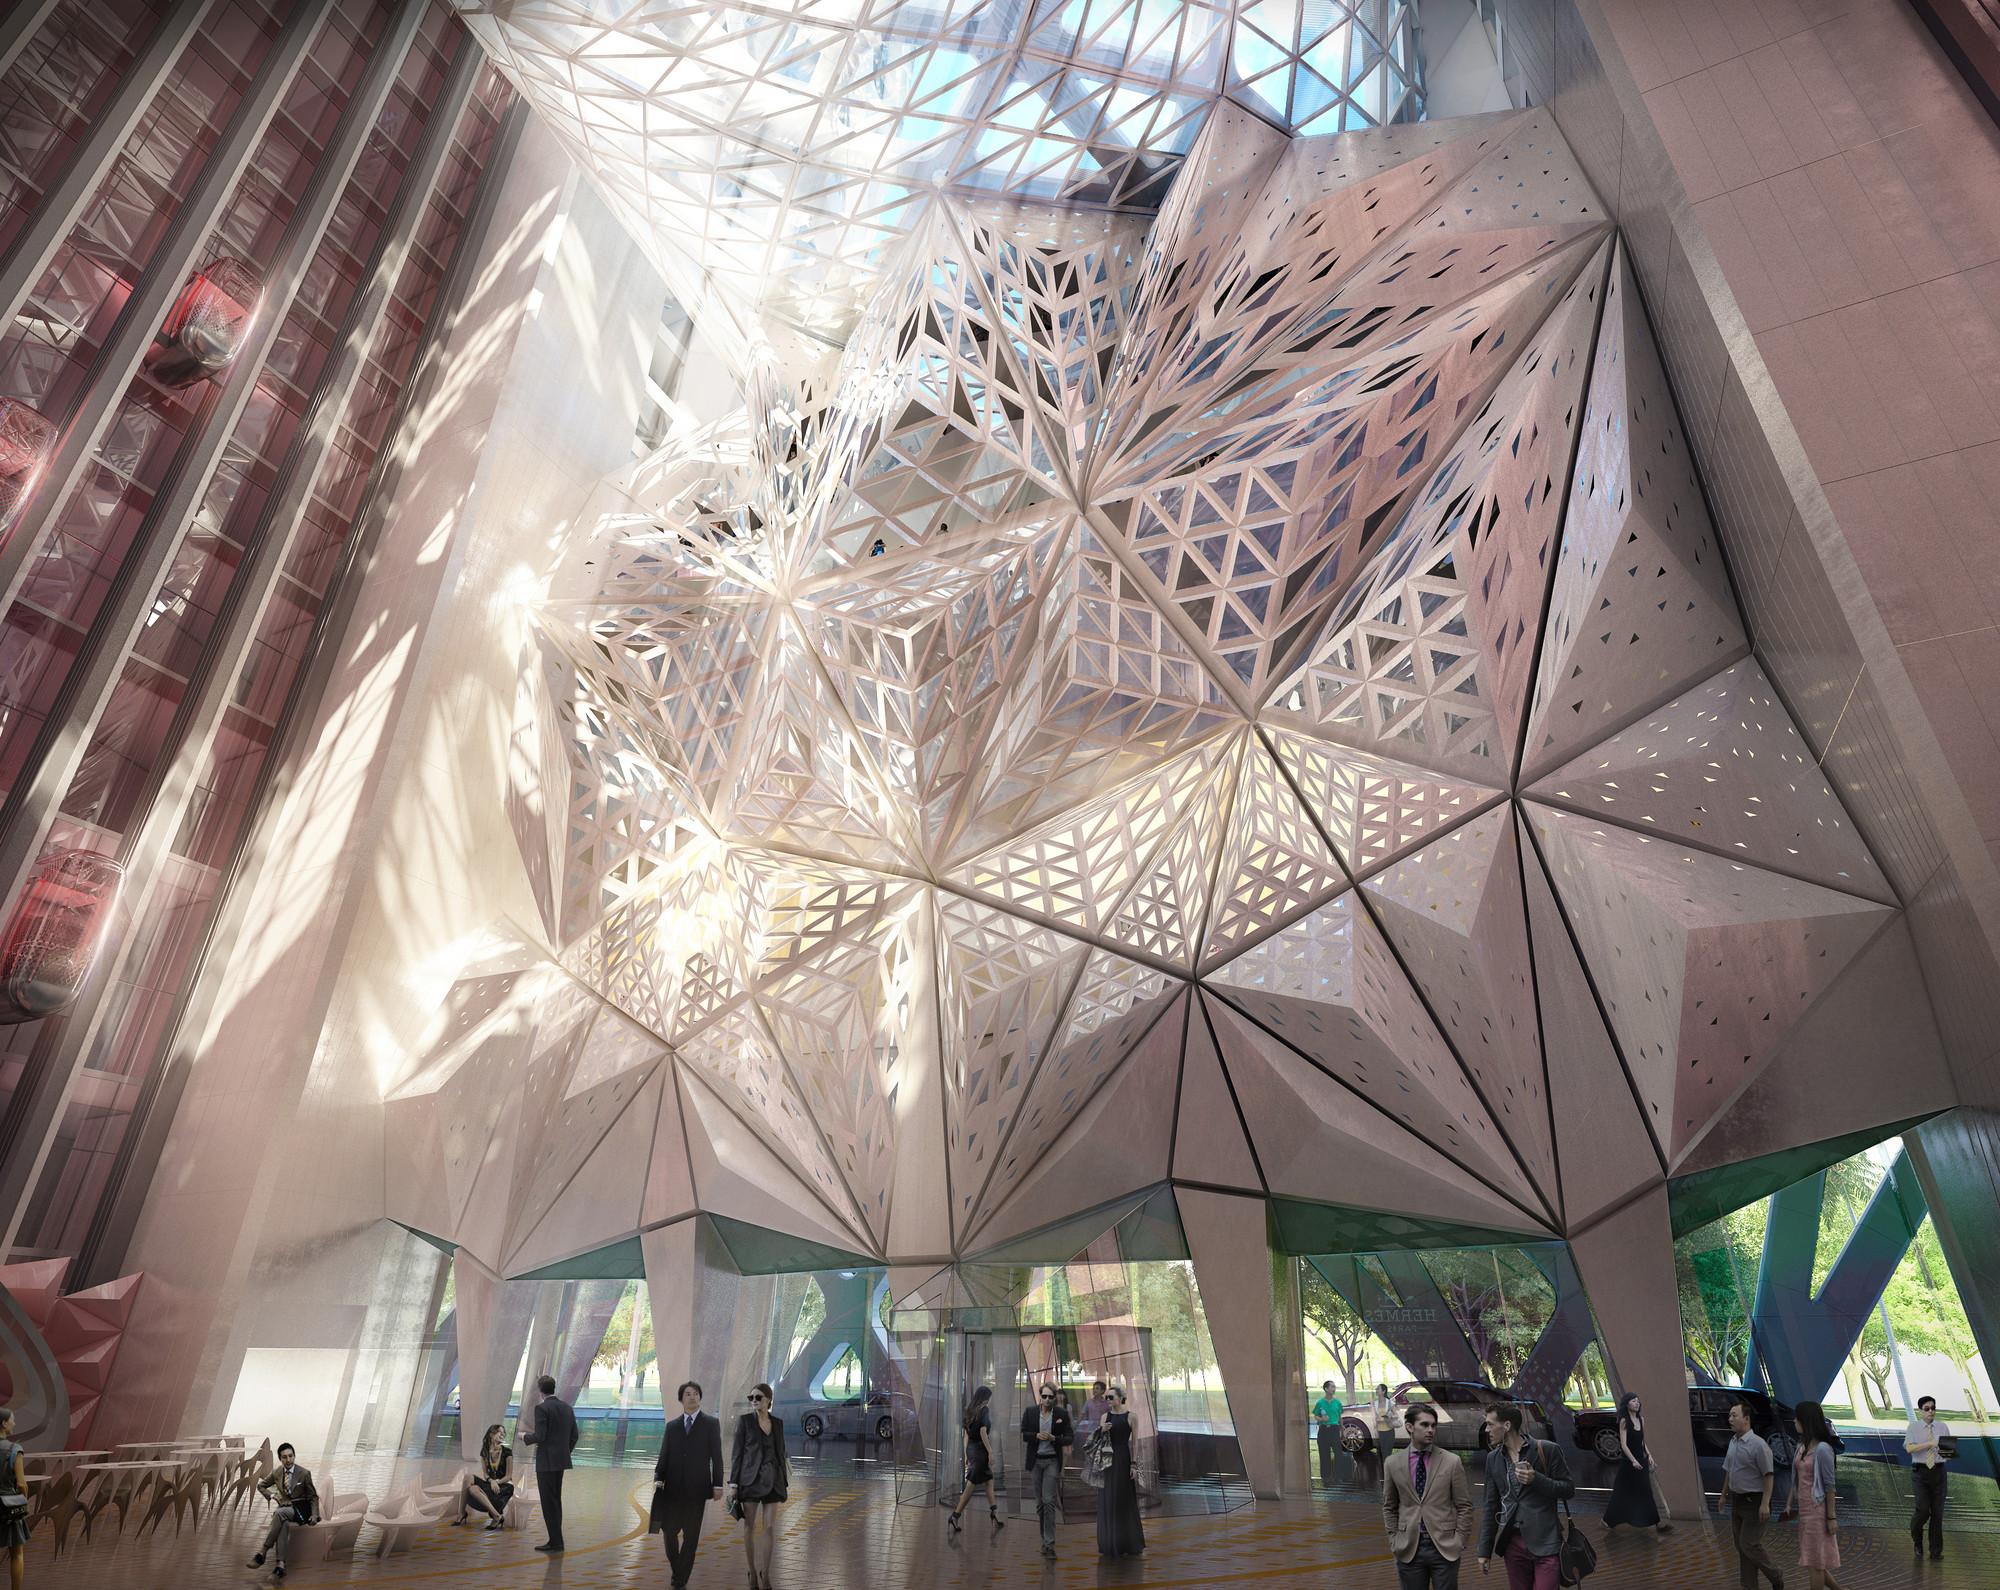 City Of Dreams Hotel Tower Zaha Hadid Architects